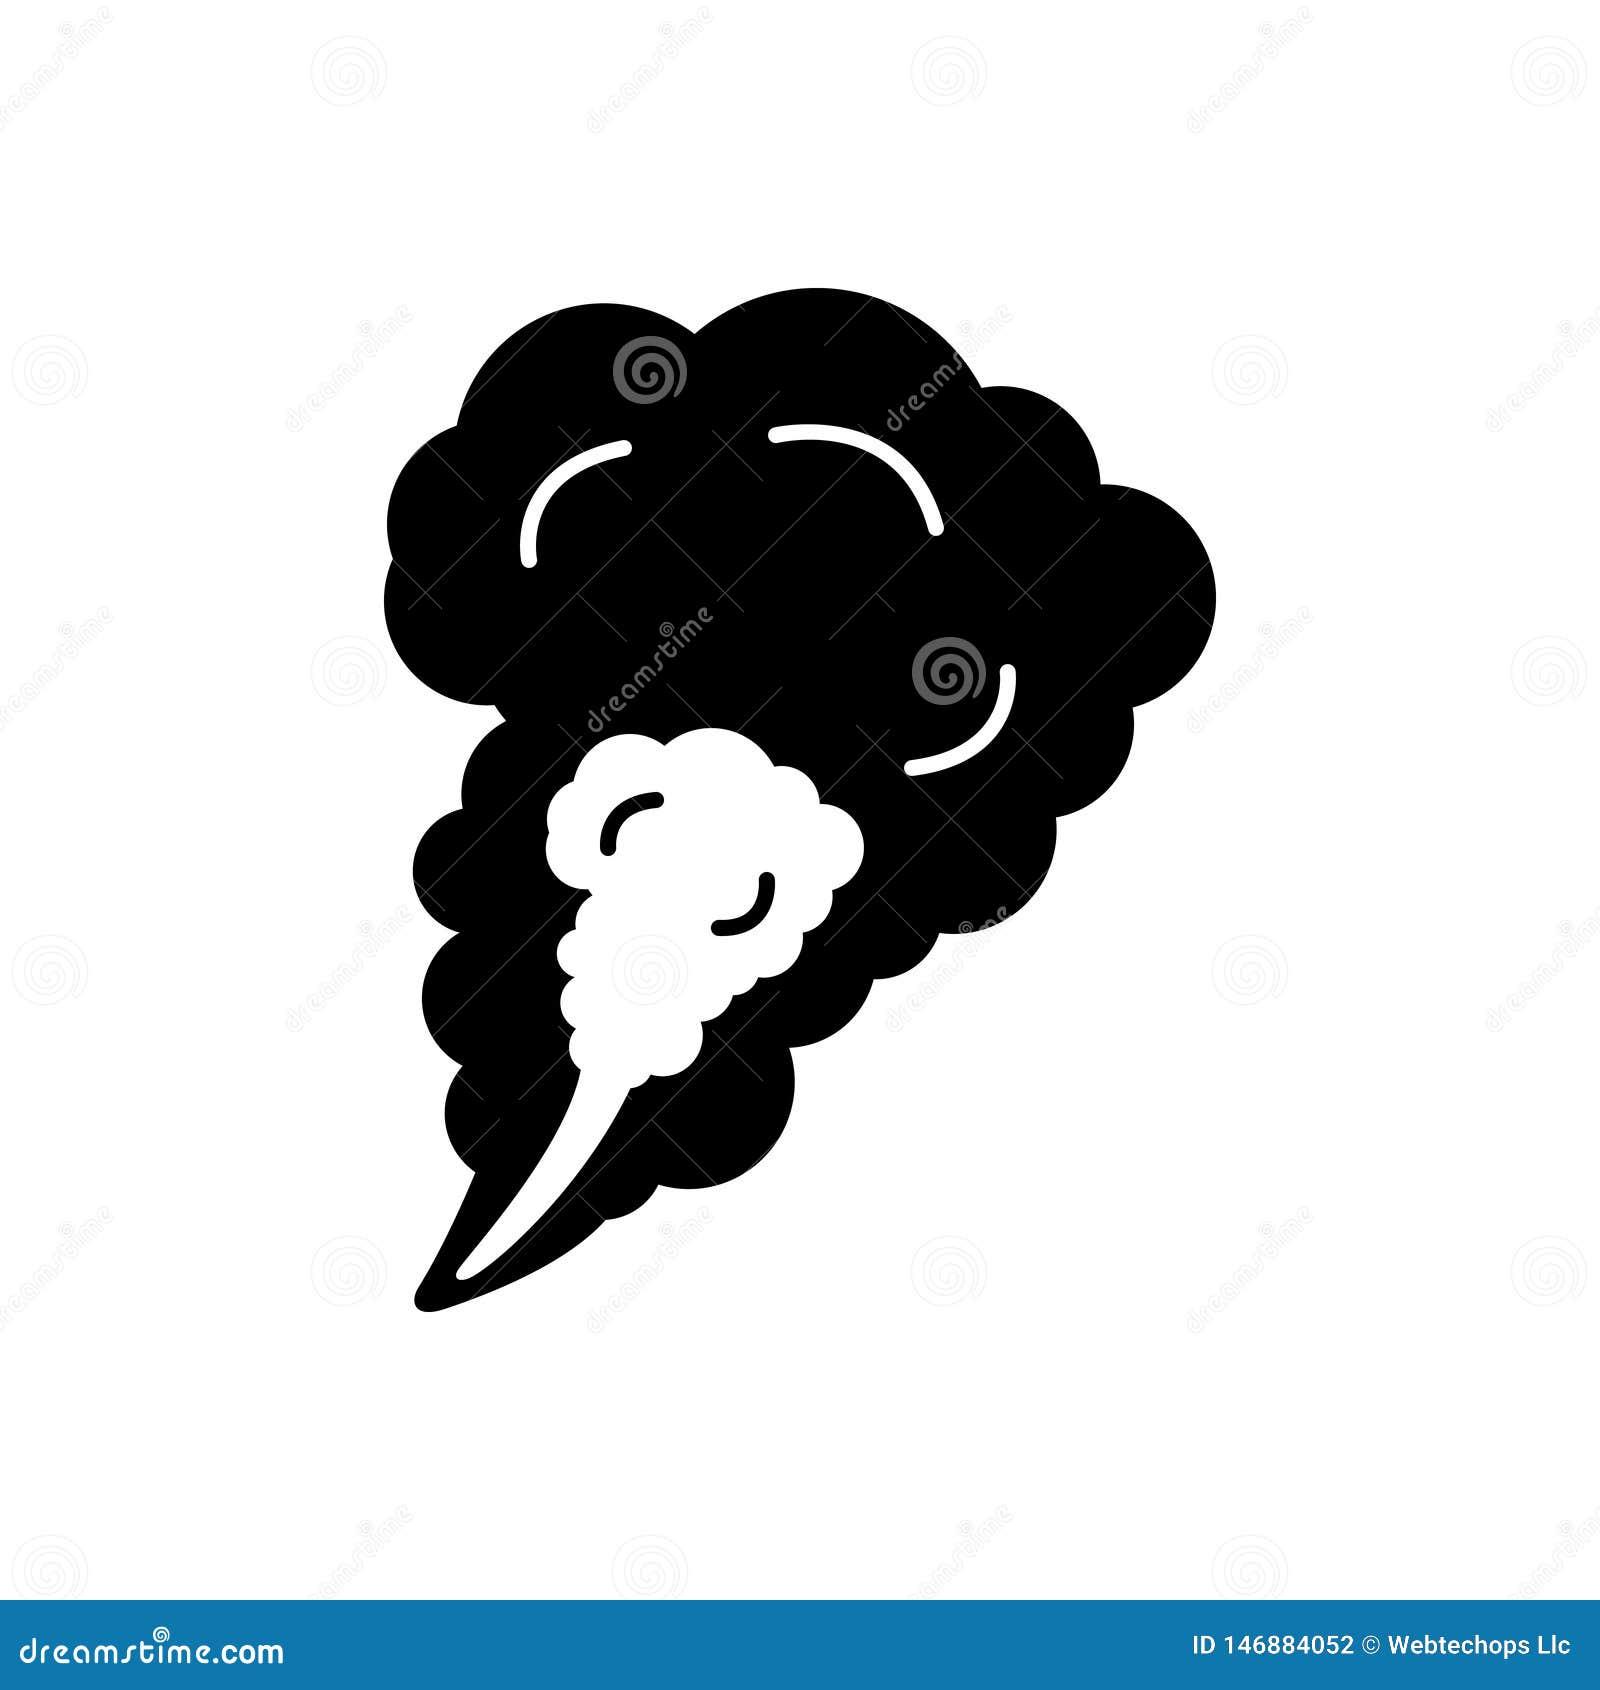 Svart fast symbol för rök, dimma och ånga